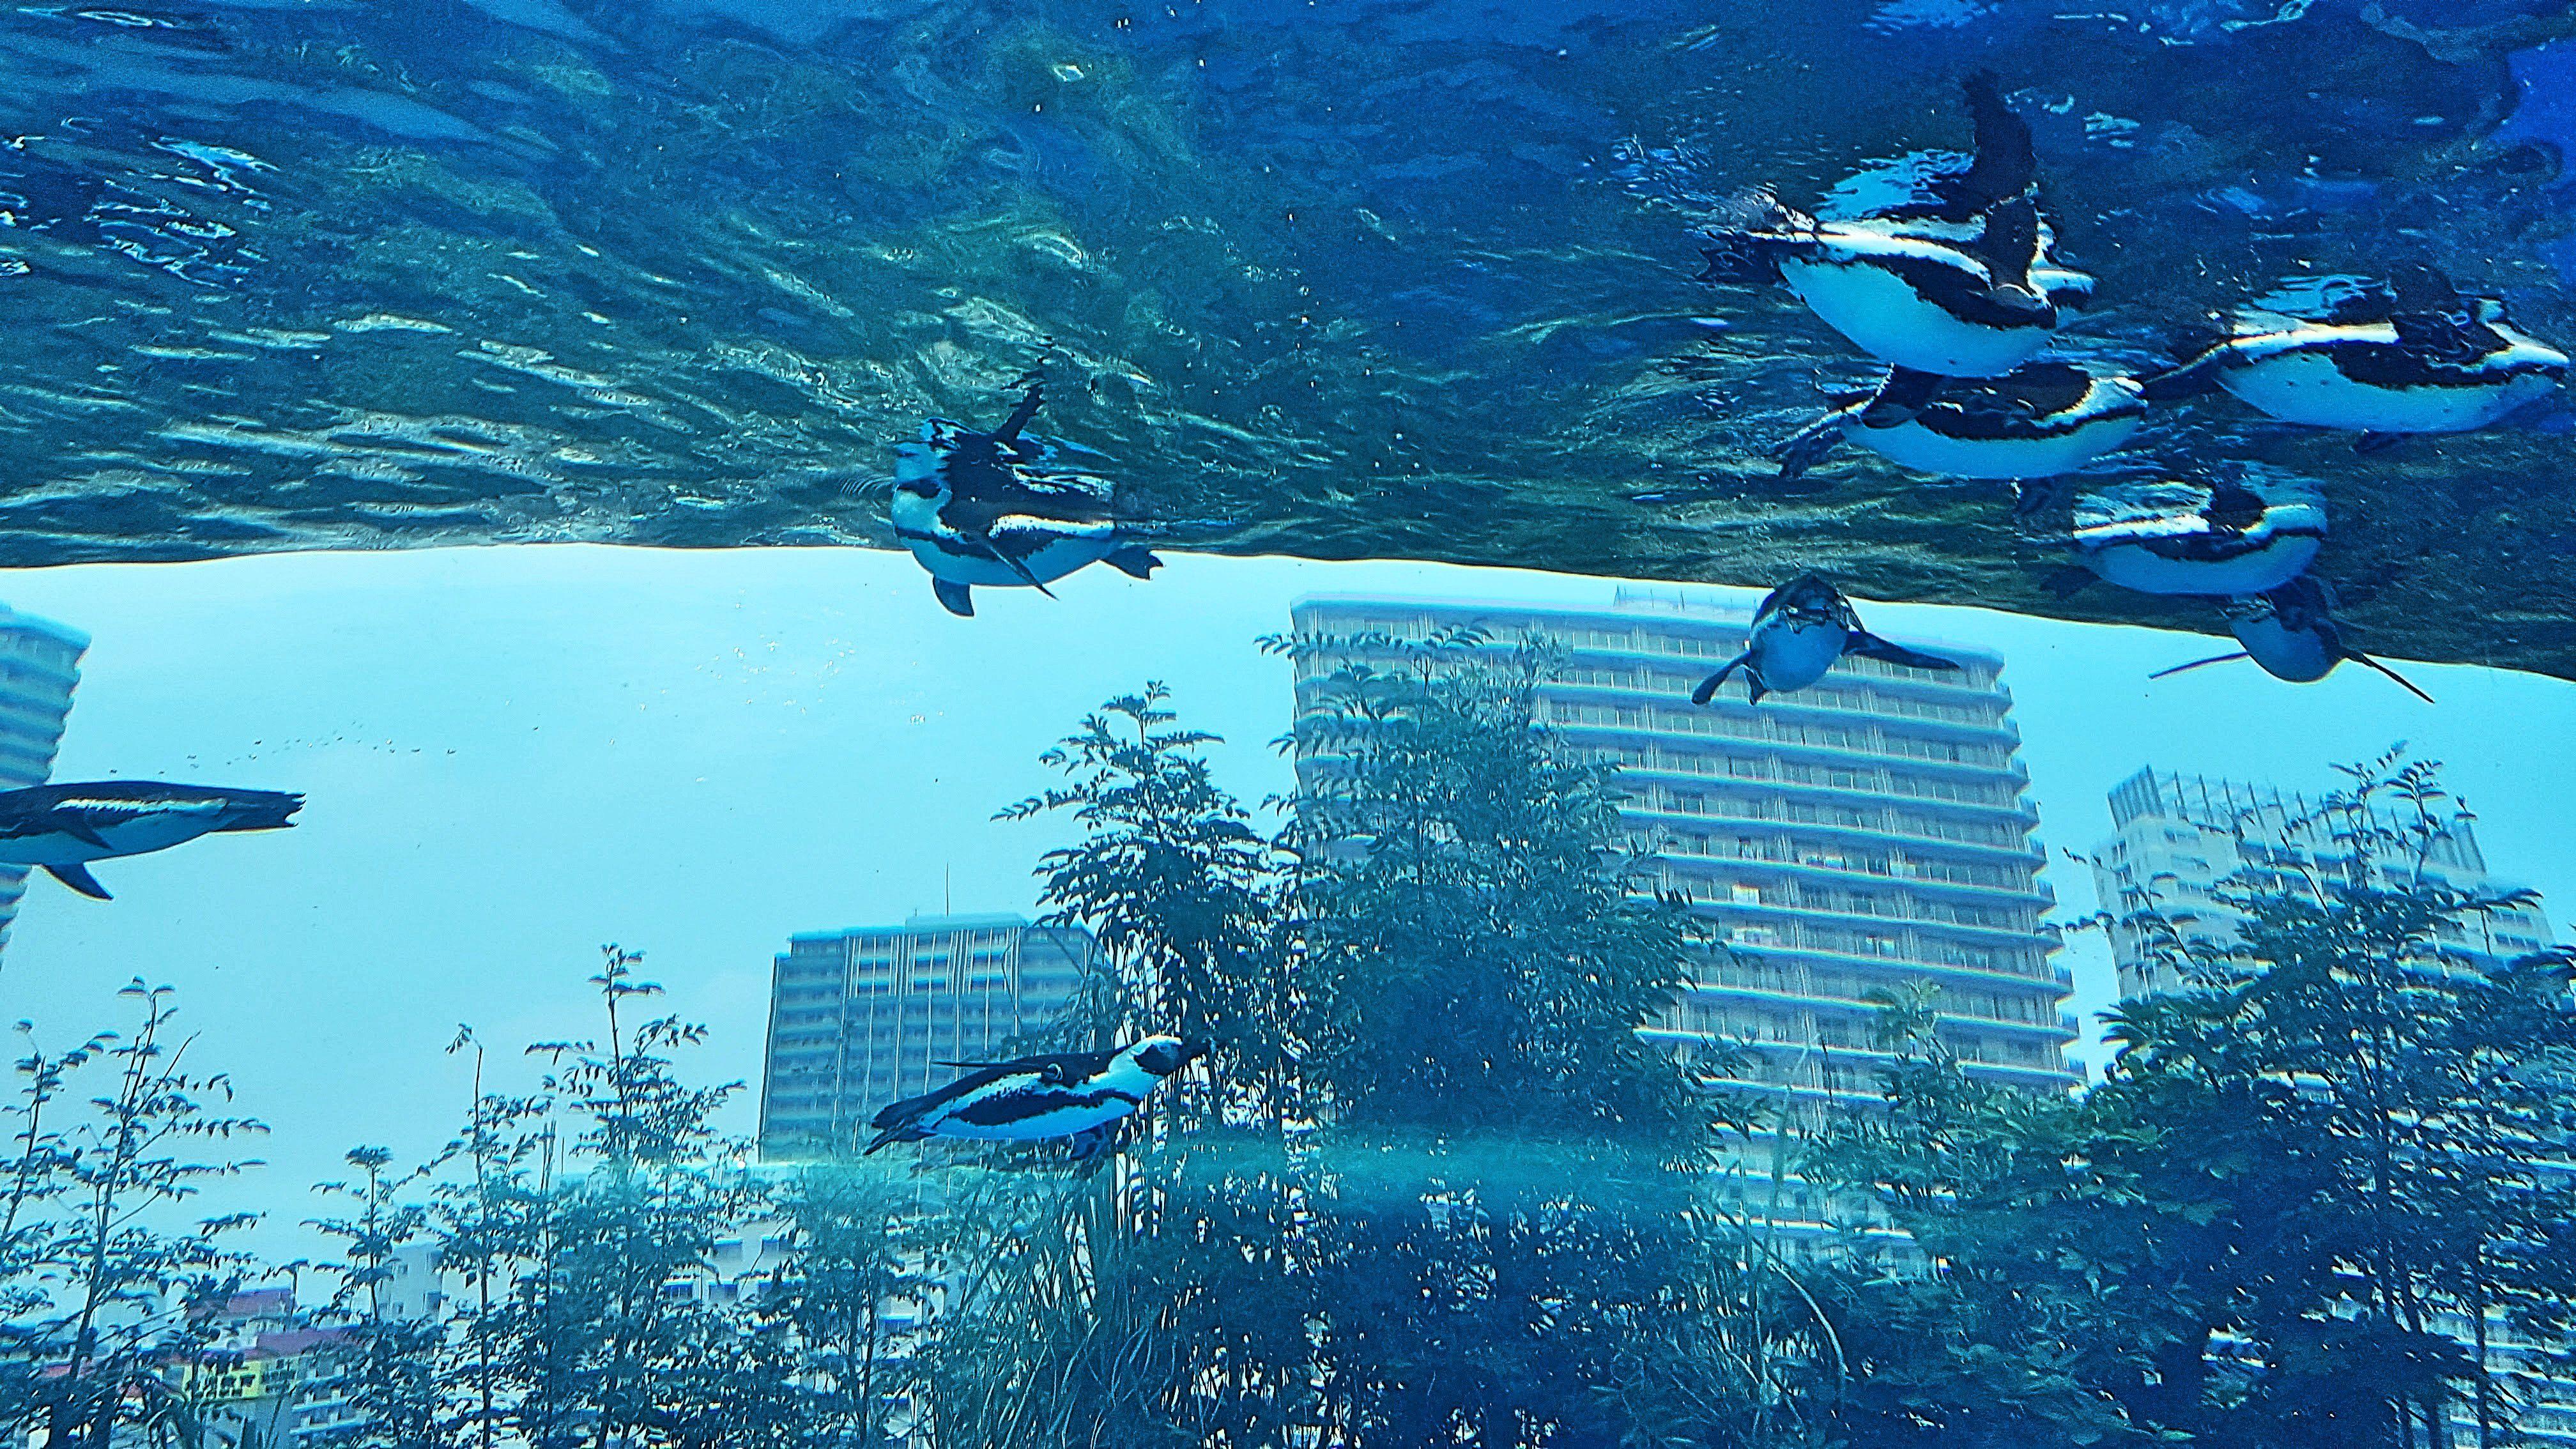 รีวิวพิพิธภัณฑ์สัตว์น้ำซันไชน์(Sunshine Aquarium)